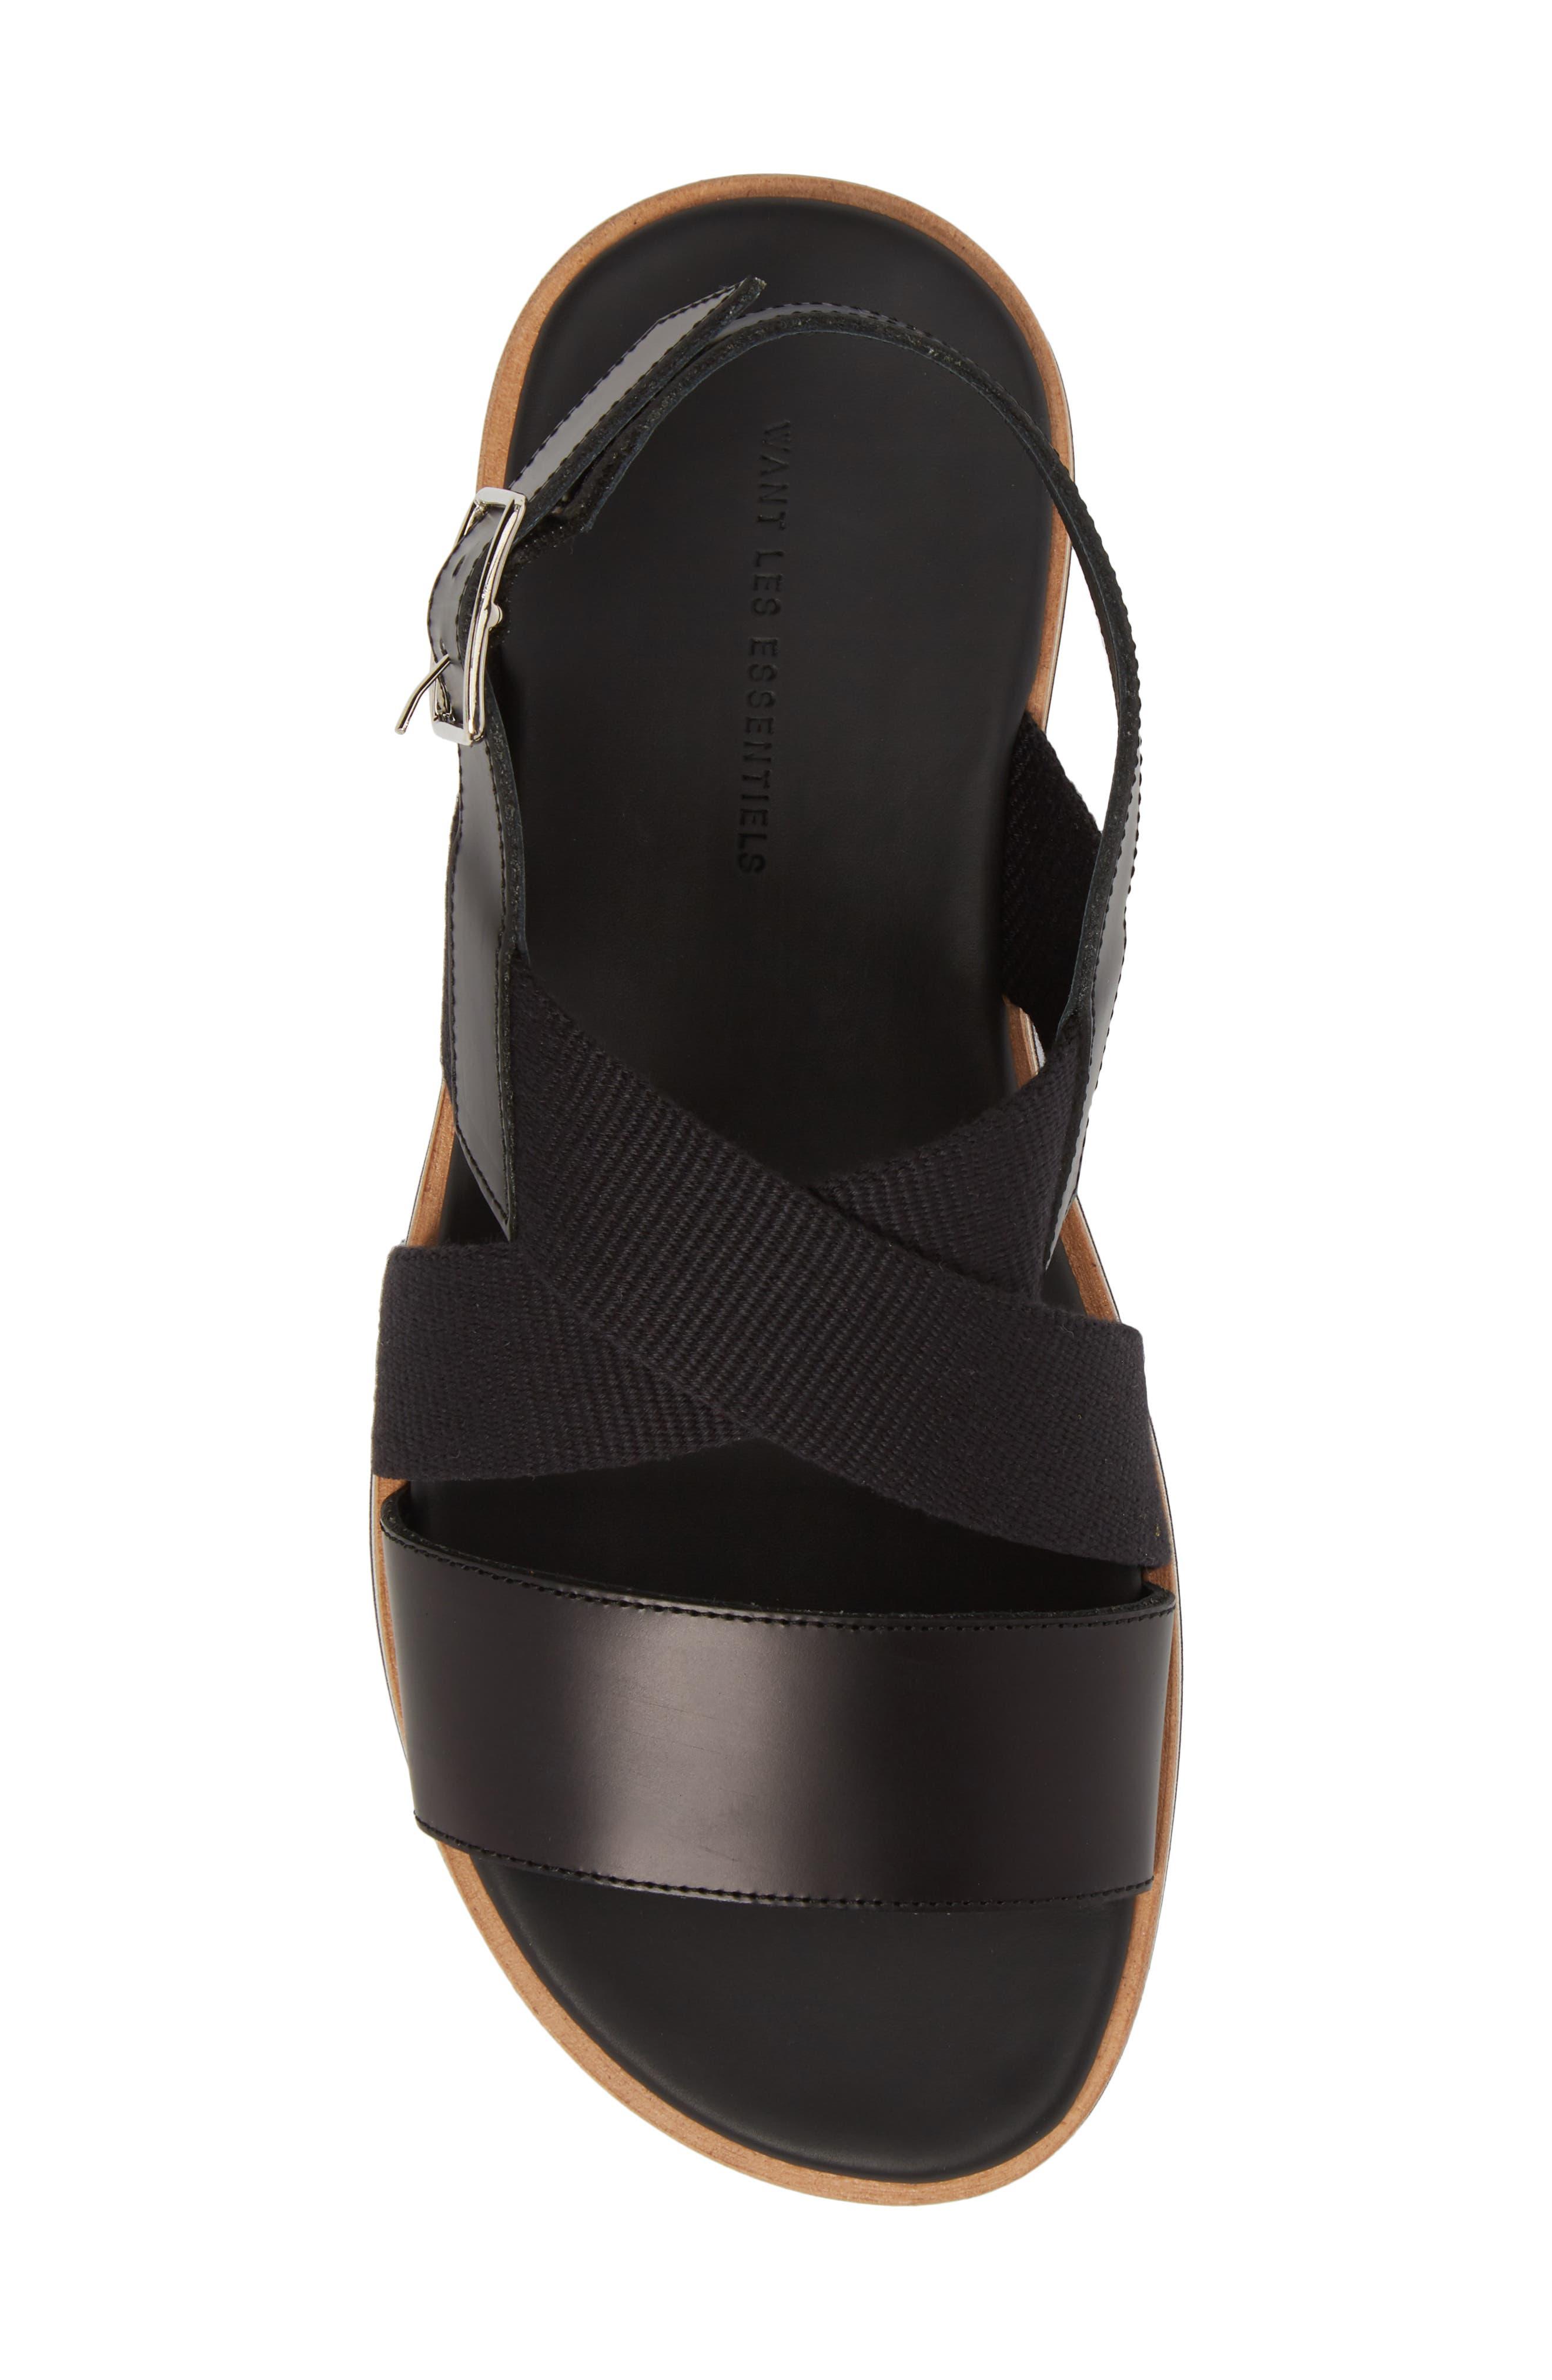 Jobim Sandal,                             Alternate thumbnail 5, color,                             Black Cord/ Black